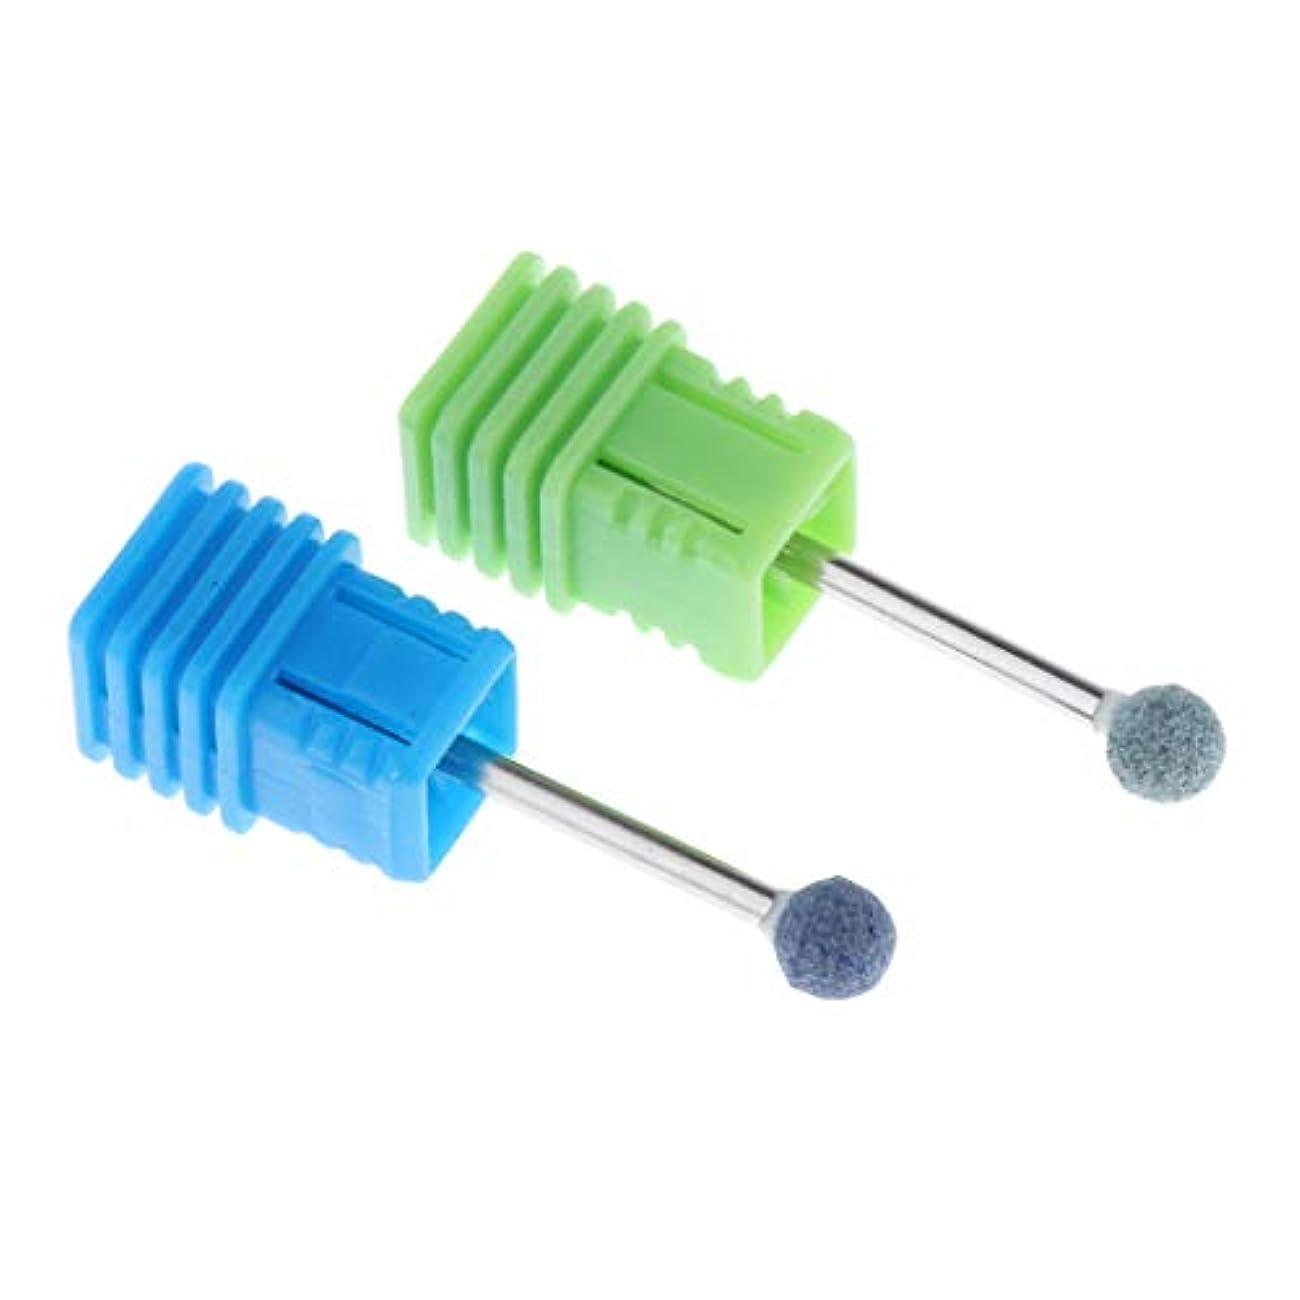 本部登場お金爪 磨き ヘッド 電動研磨ヘッド ネイル グラインド ヘッド アクリルネイル用ツール 2個 全6カラー - 緑+青